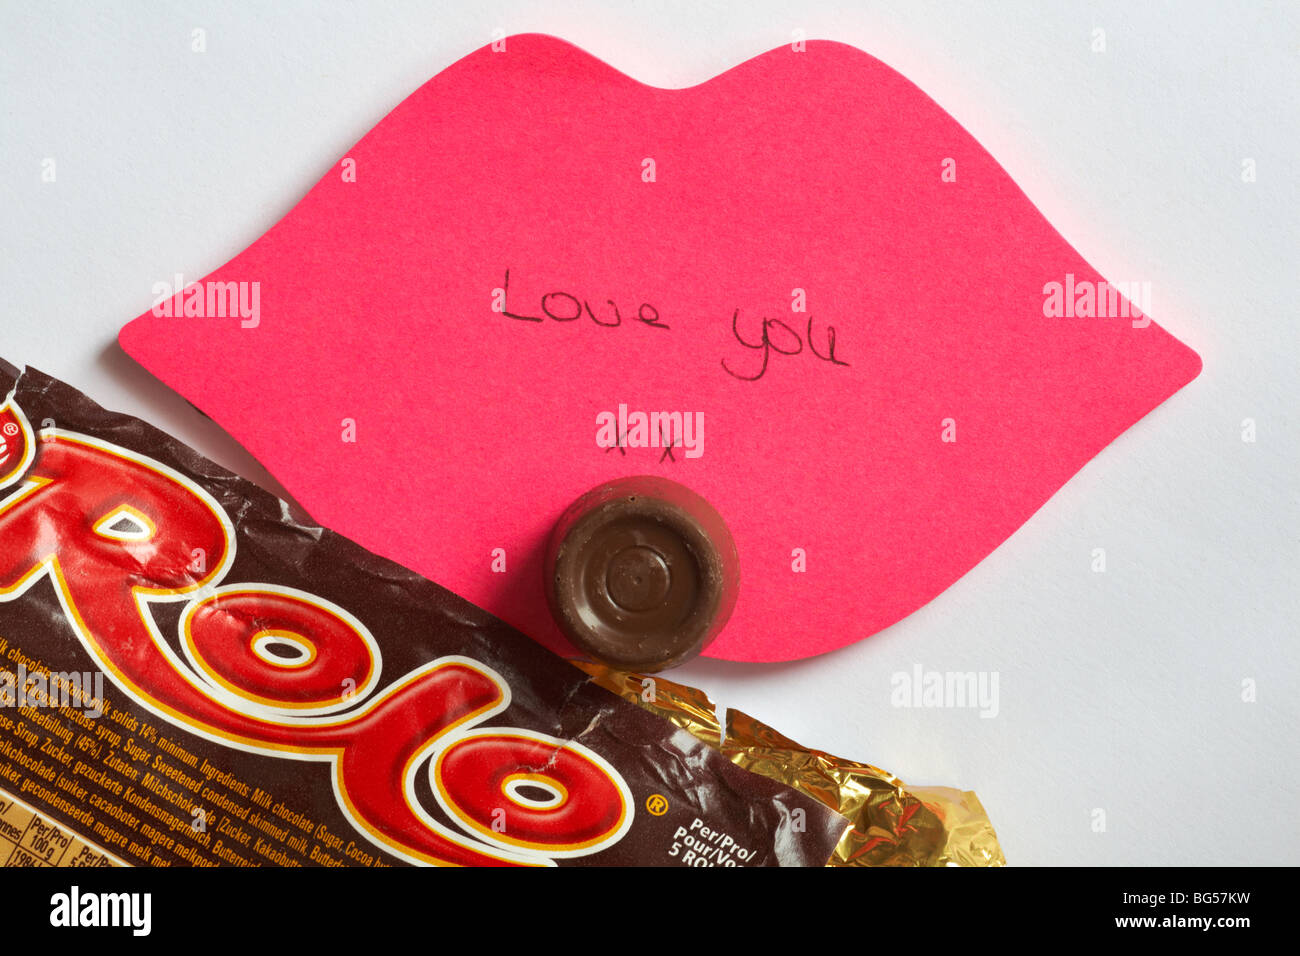 T'aime - le dernier rolo - Love you xx écrit sur les lèvres rose post-it avec le dernier rolo du paquet Photo Stock